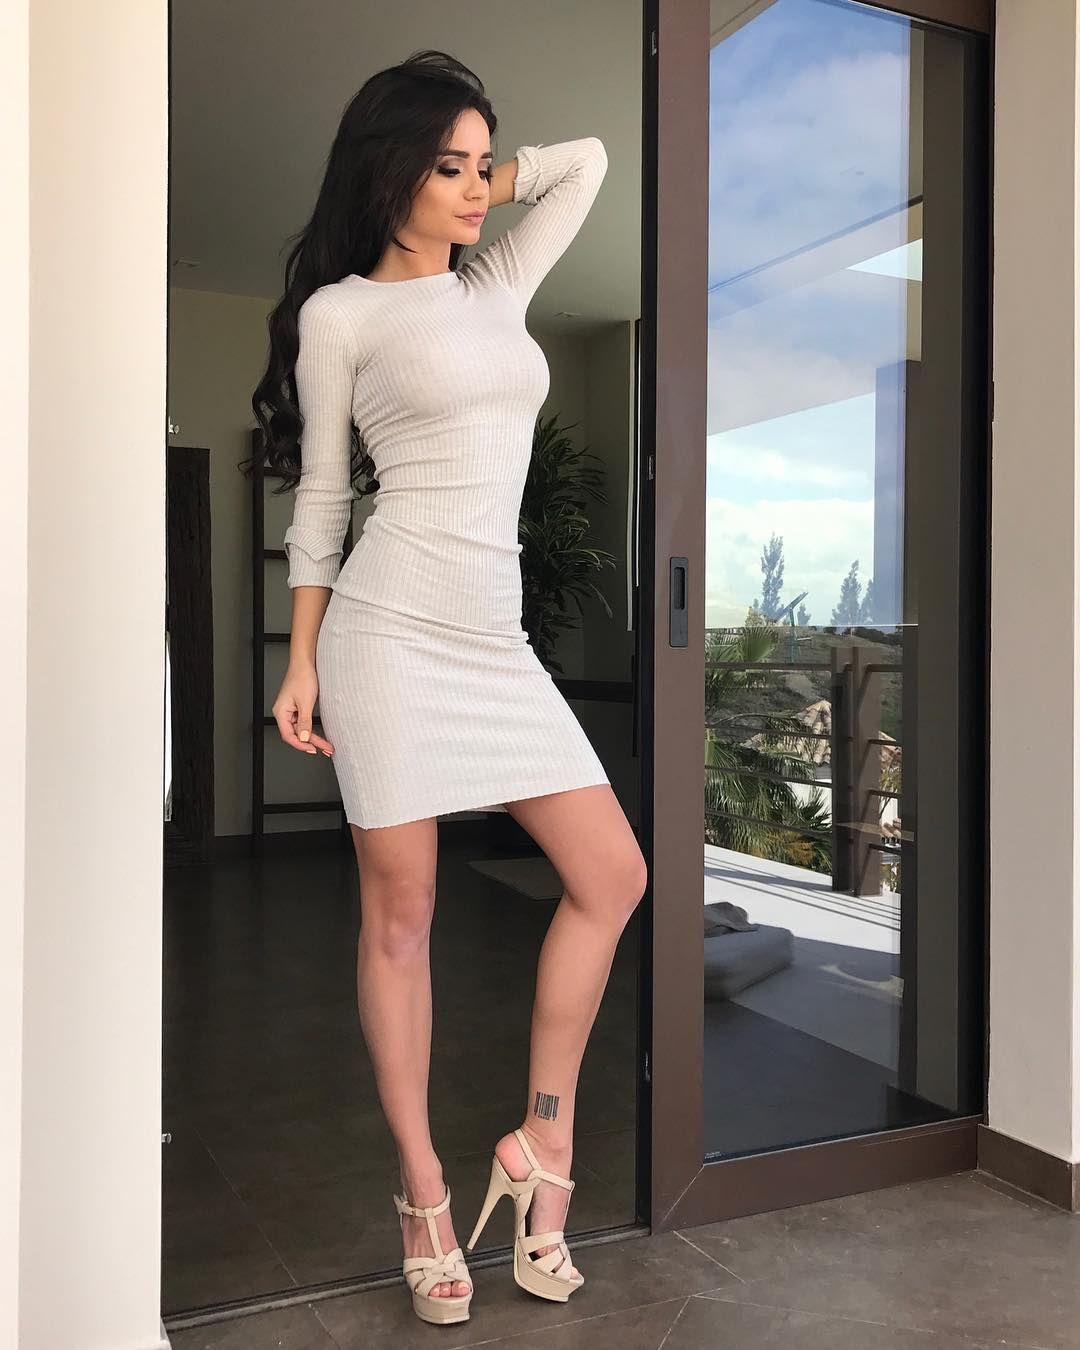 Selfie Ekaterina Zueva